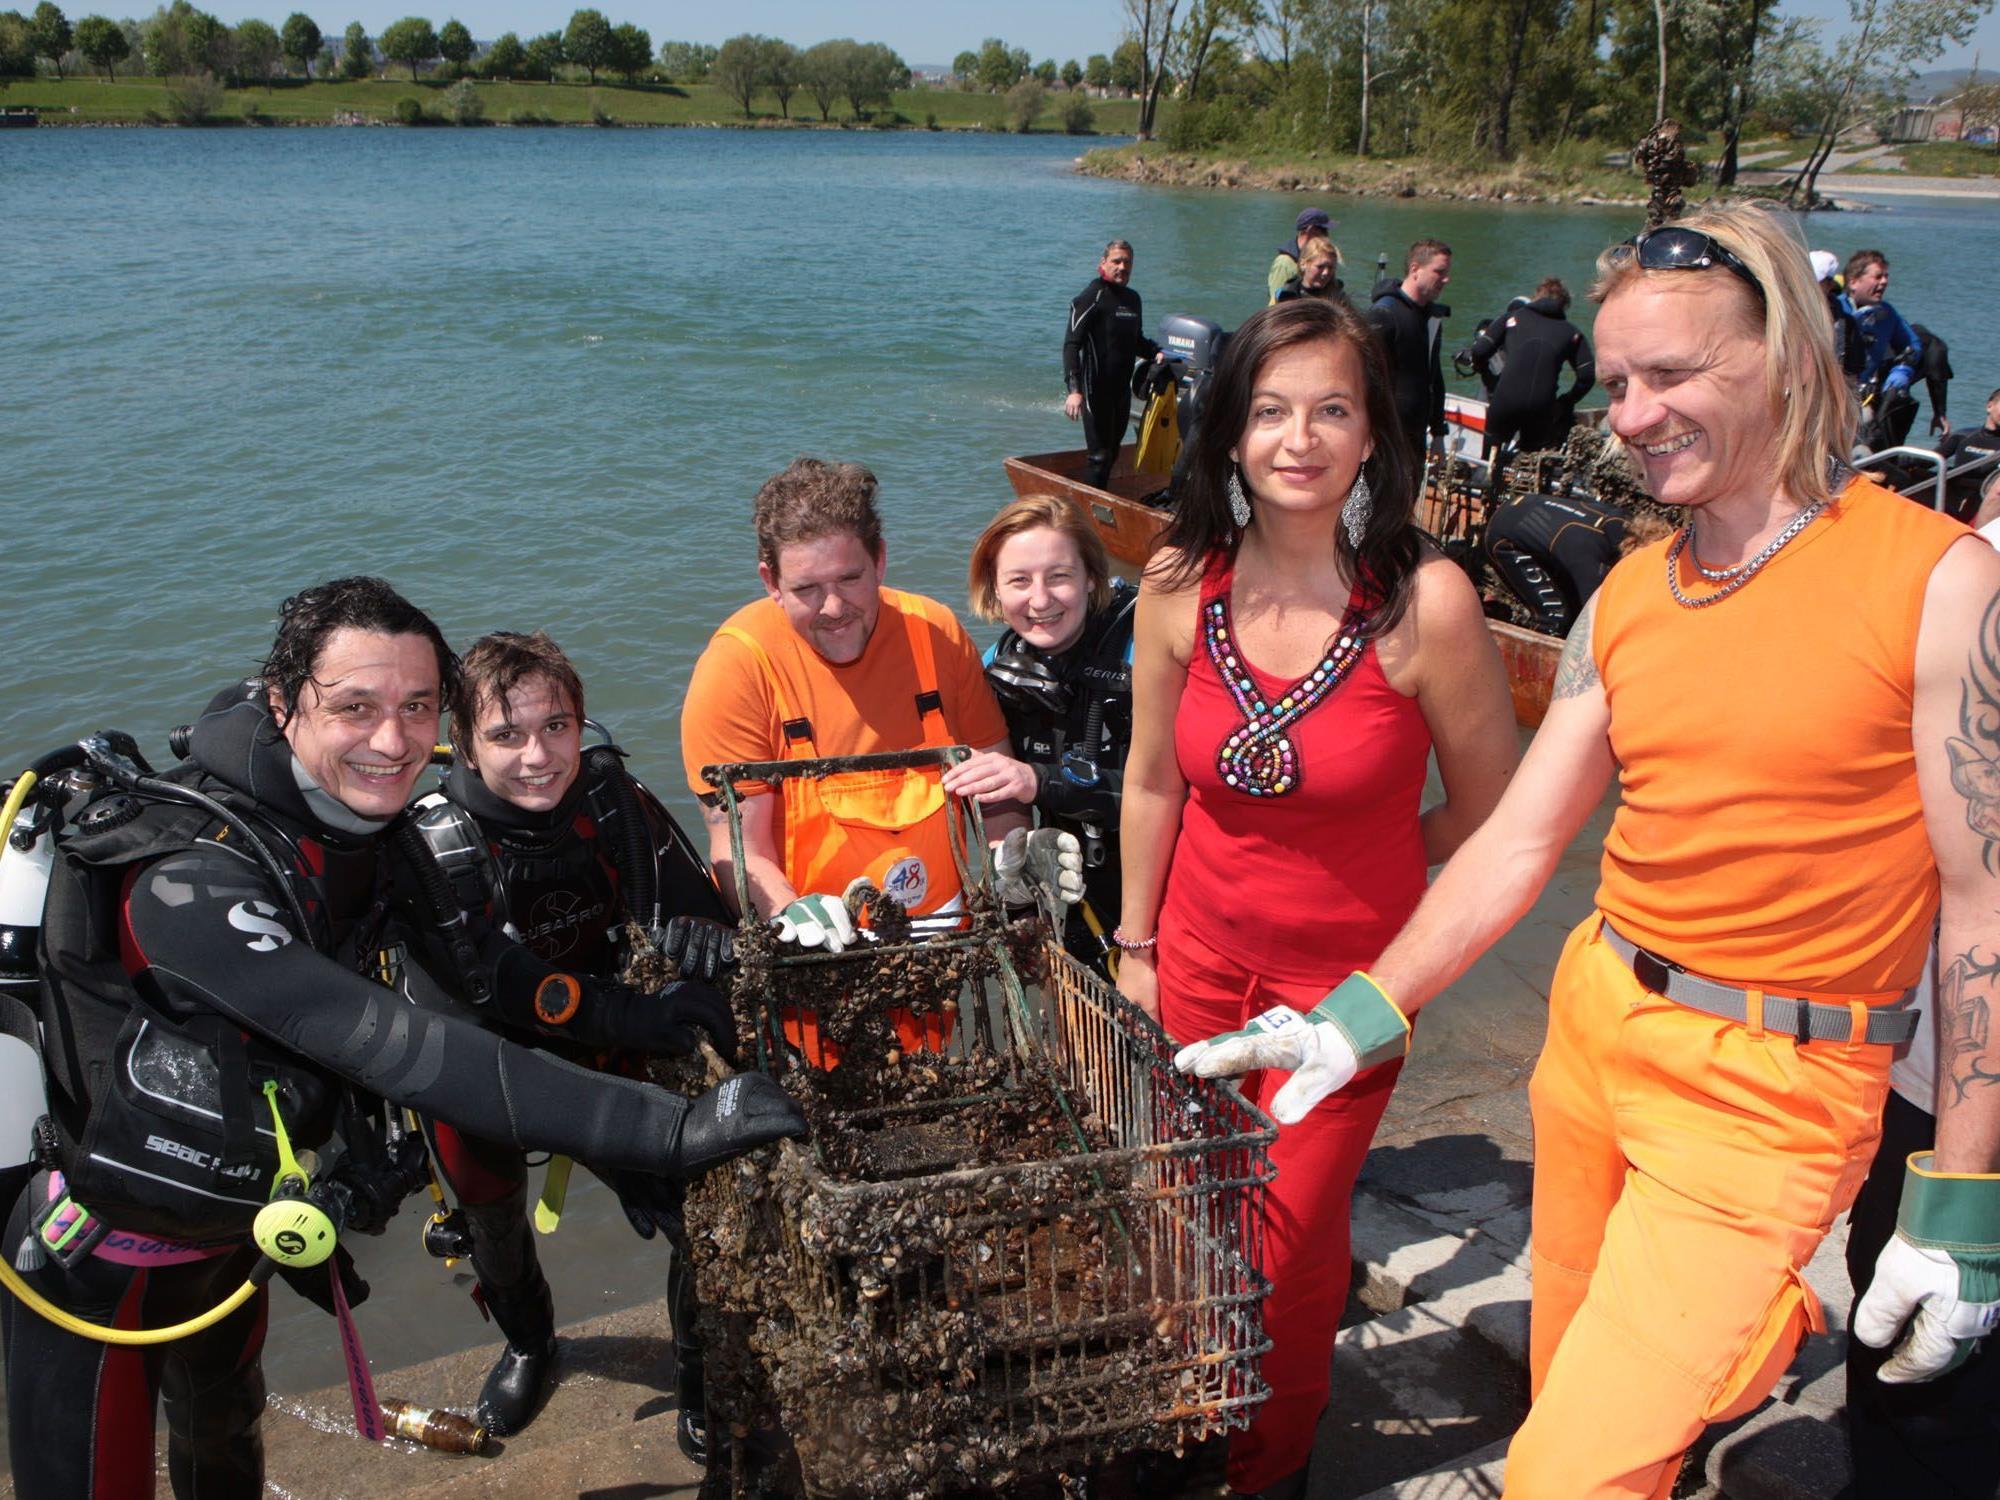 Wien räumt auf - auch unter dem Wasser der Neuen Donau wurde geputzt